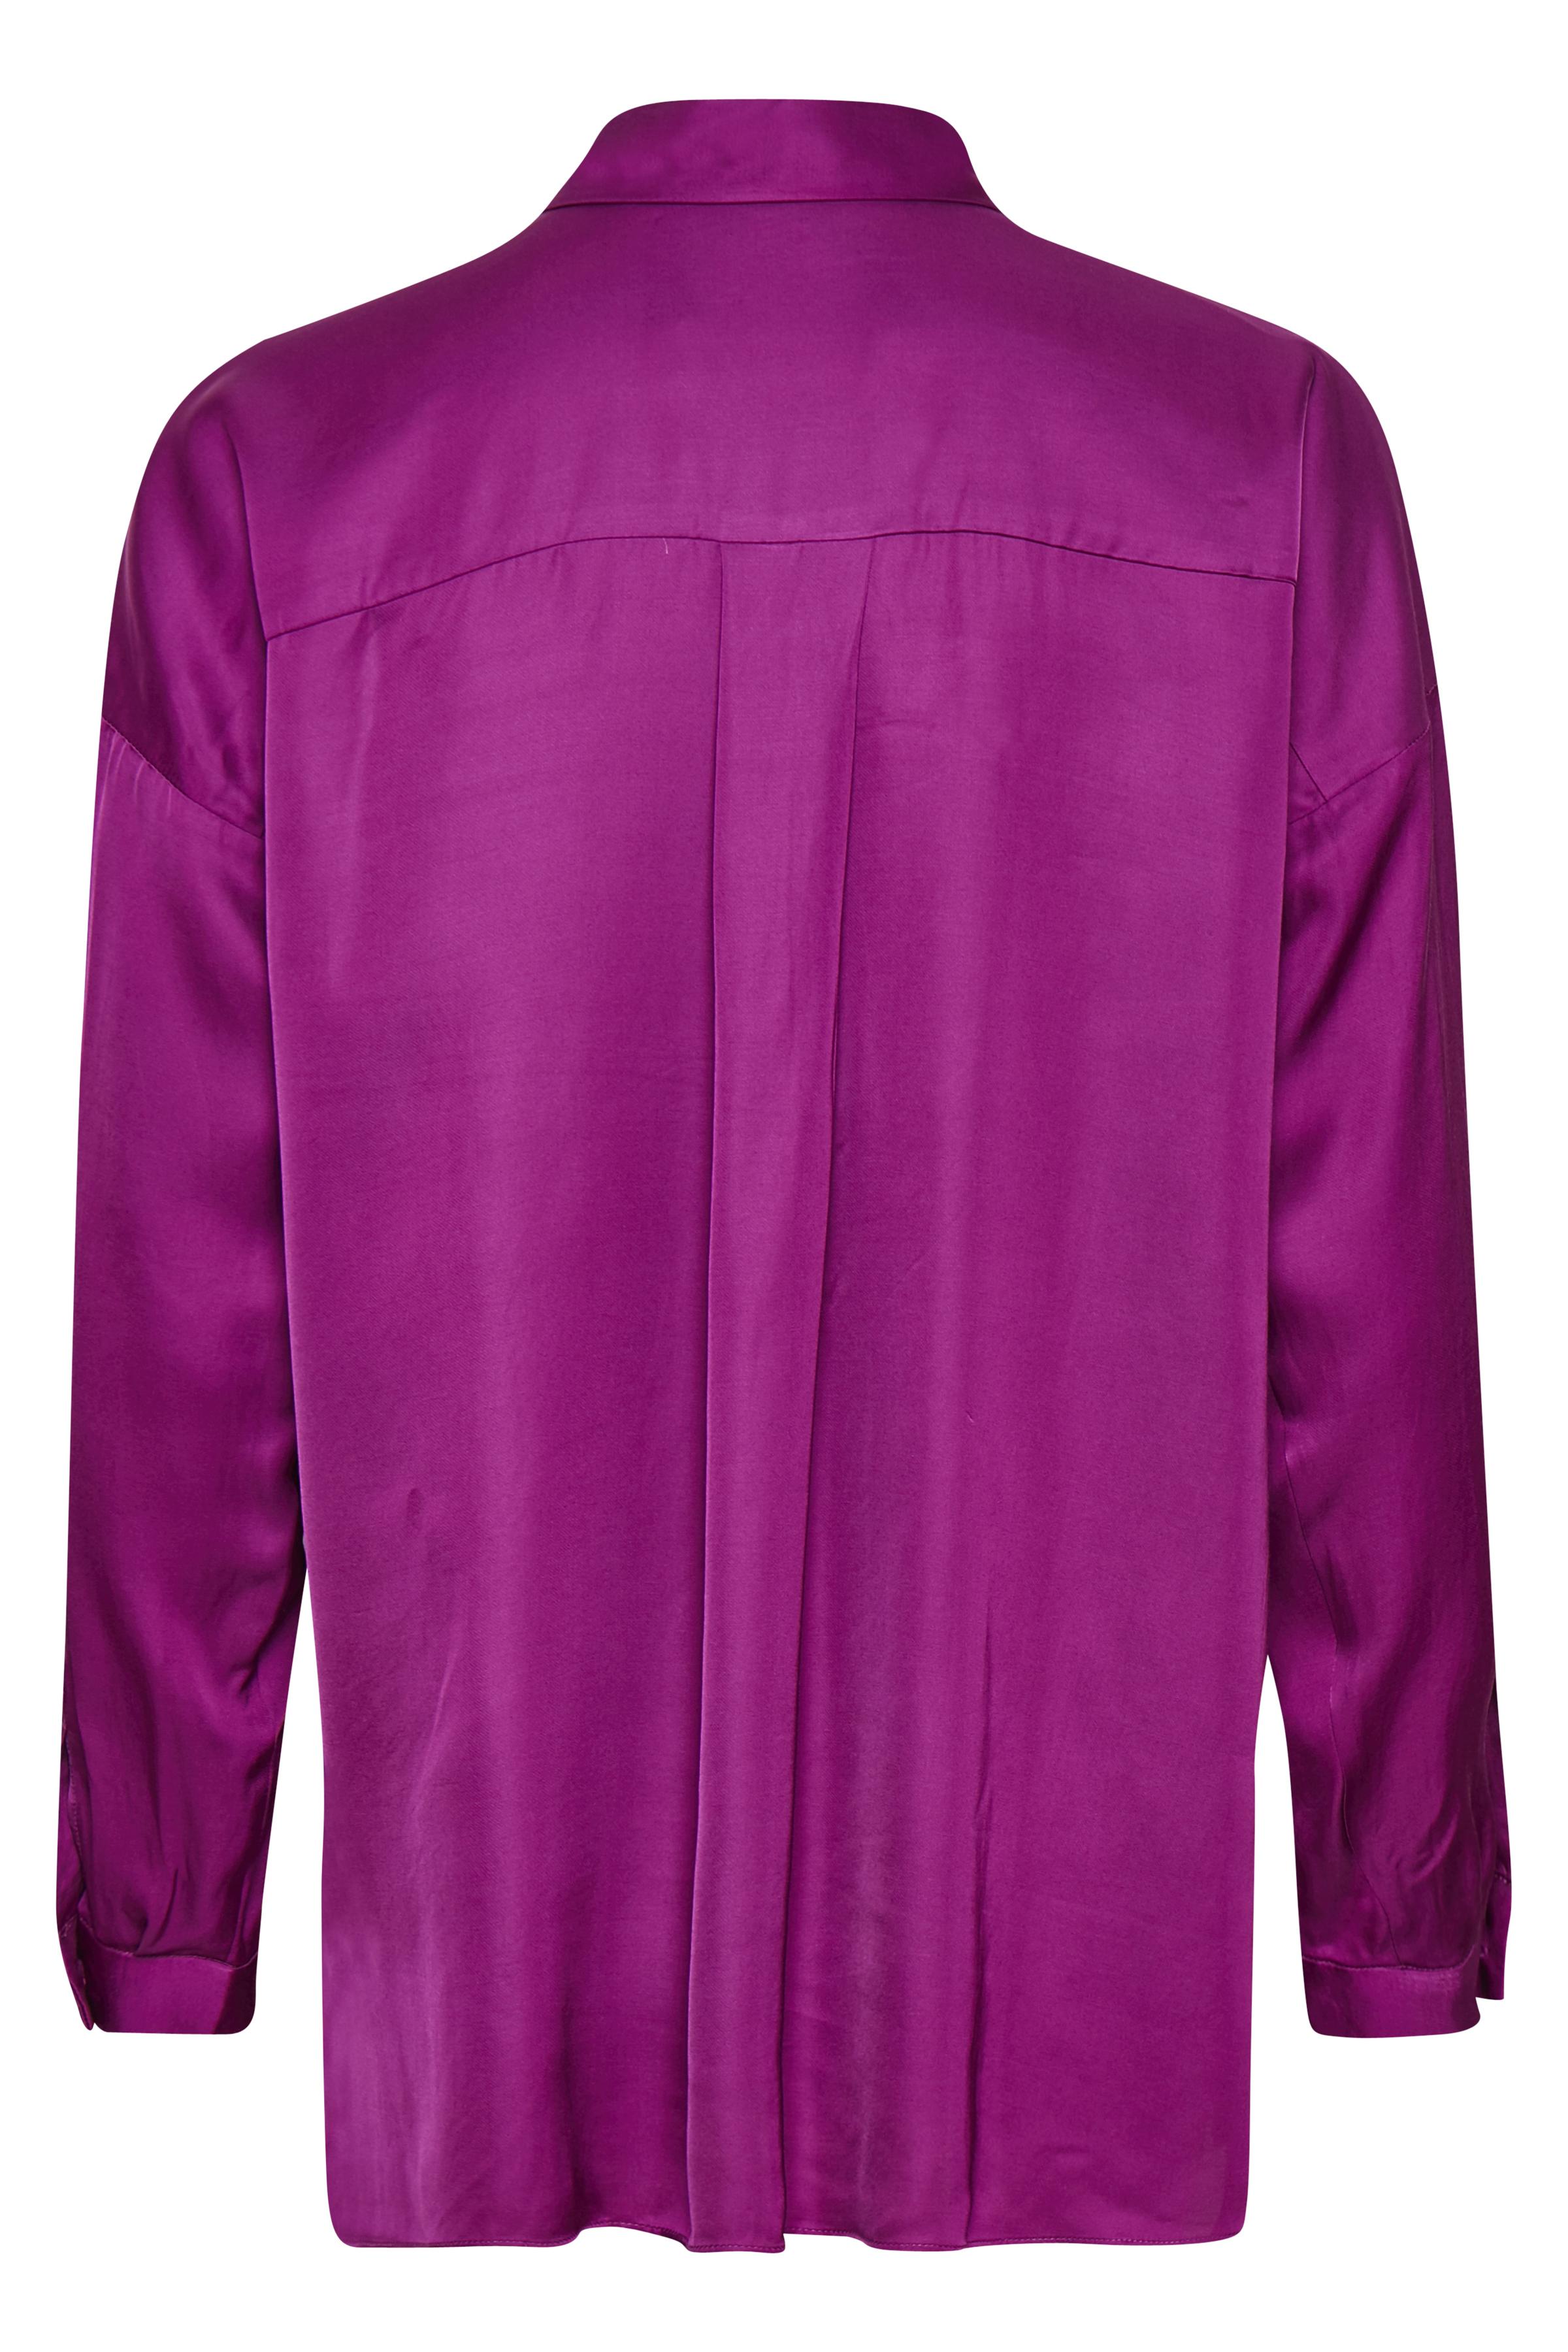 Cerise Pink Langærmet skjorte – Køb Cerise Pink Langærmet skjorte fra str. 32-44 her